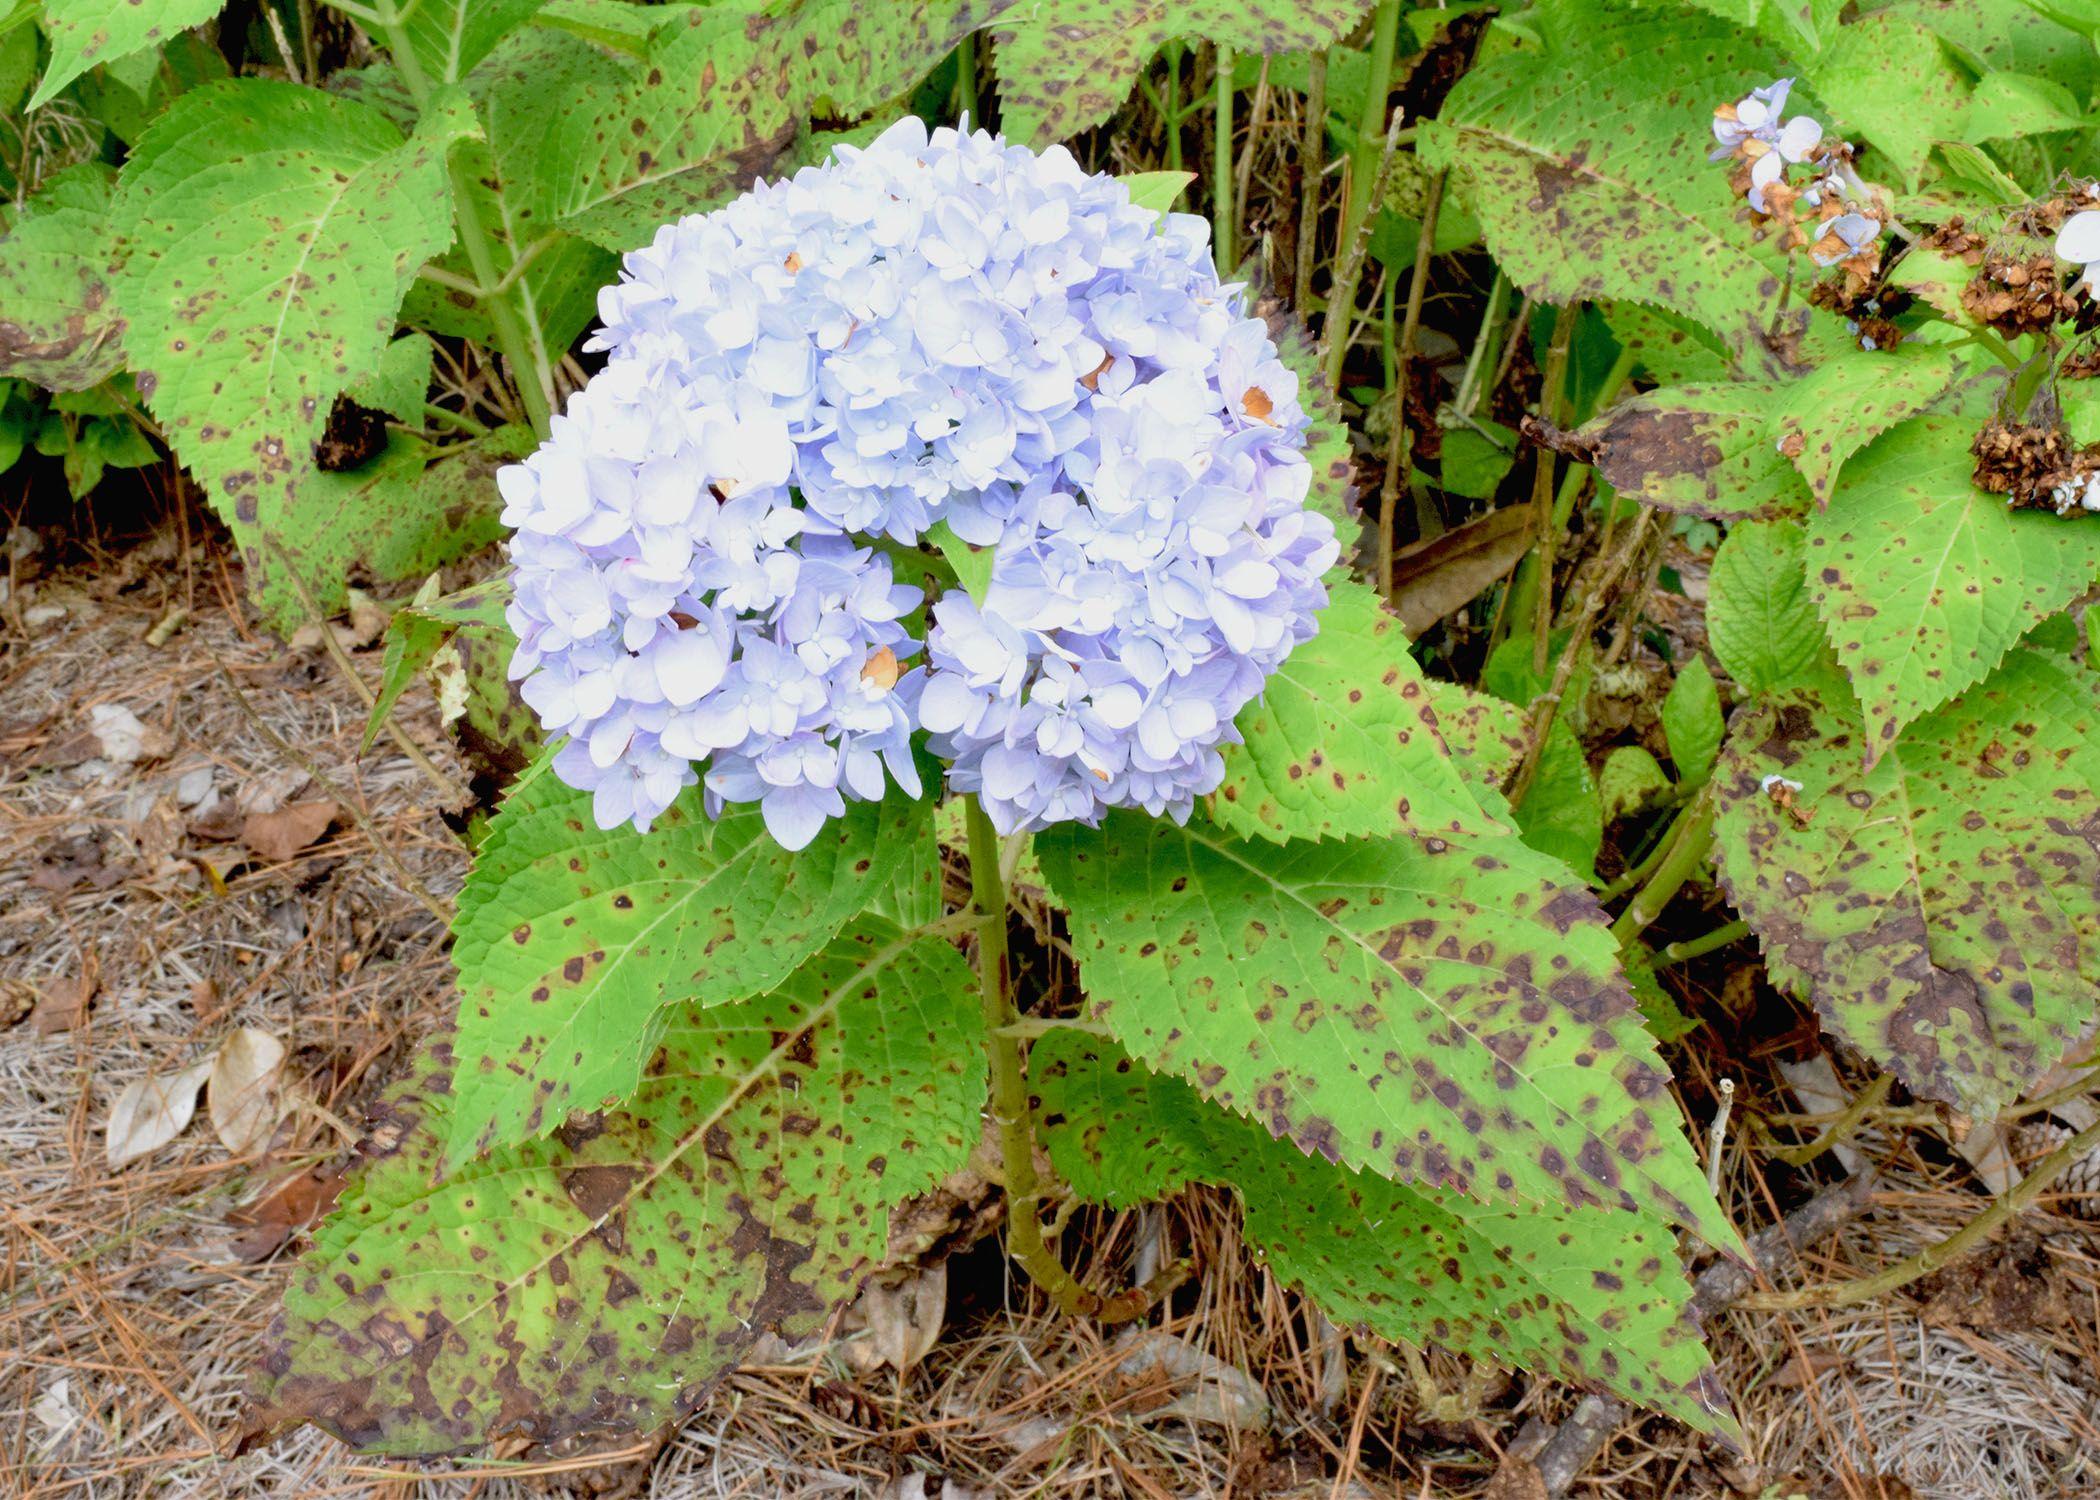 Cercospora Leaf Spot On Hydrangea Hydrangea Leaves Big Leaf Hydrangea Planting Flowers